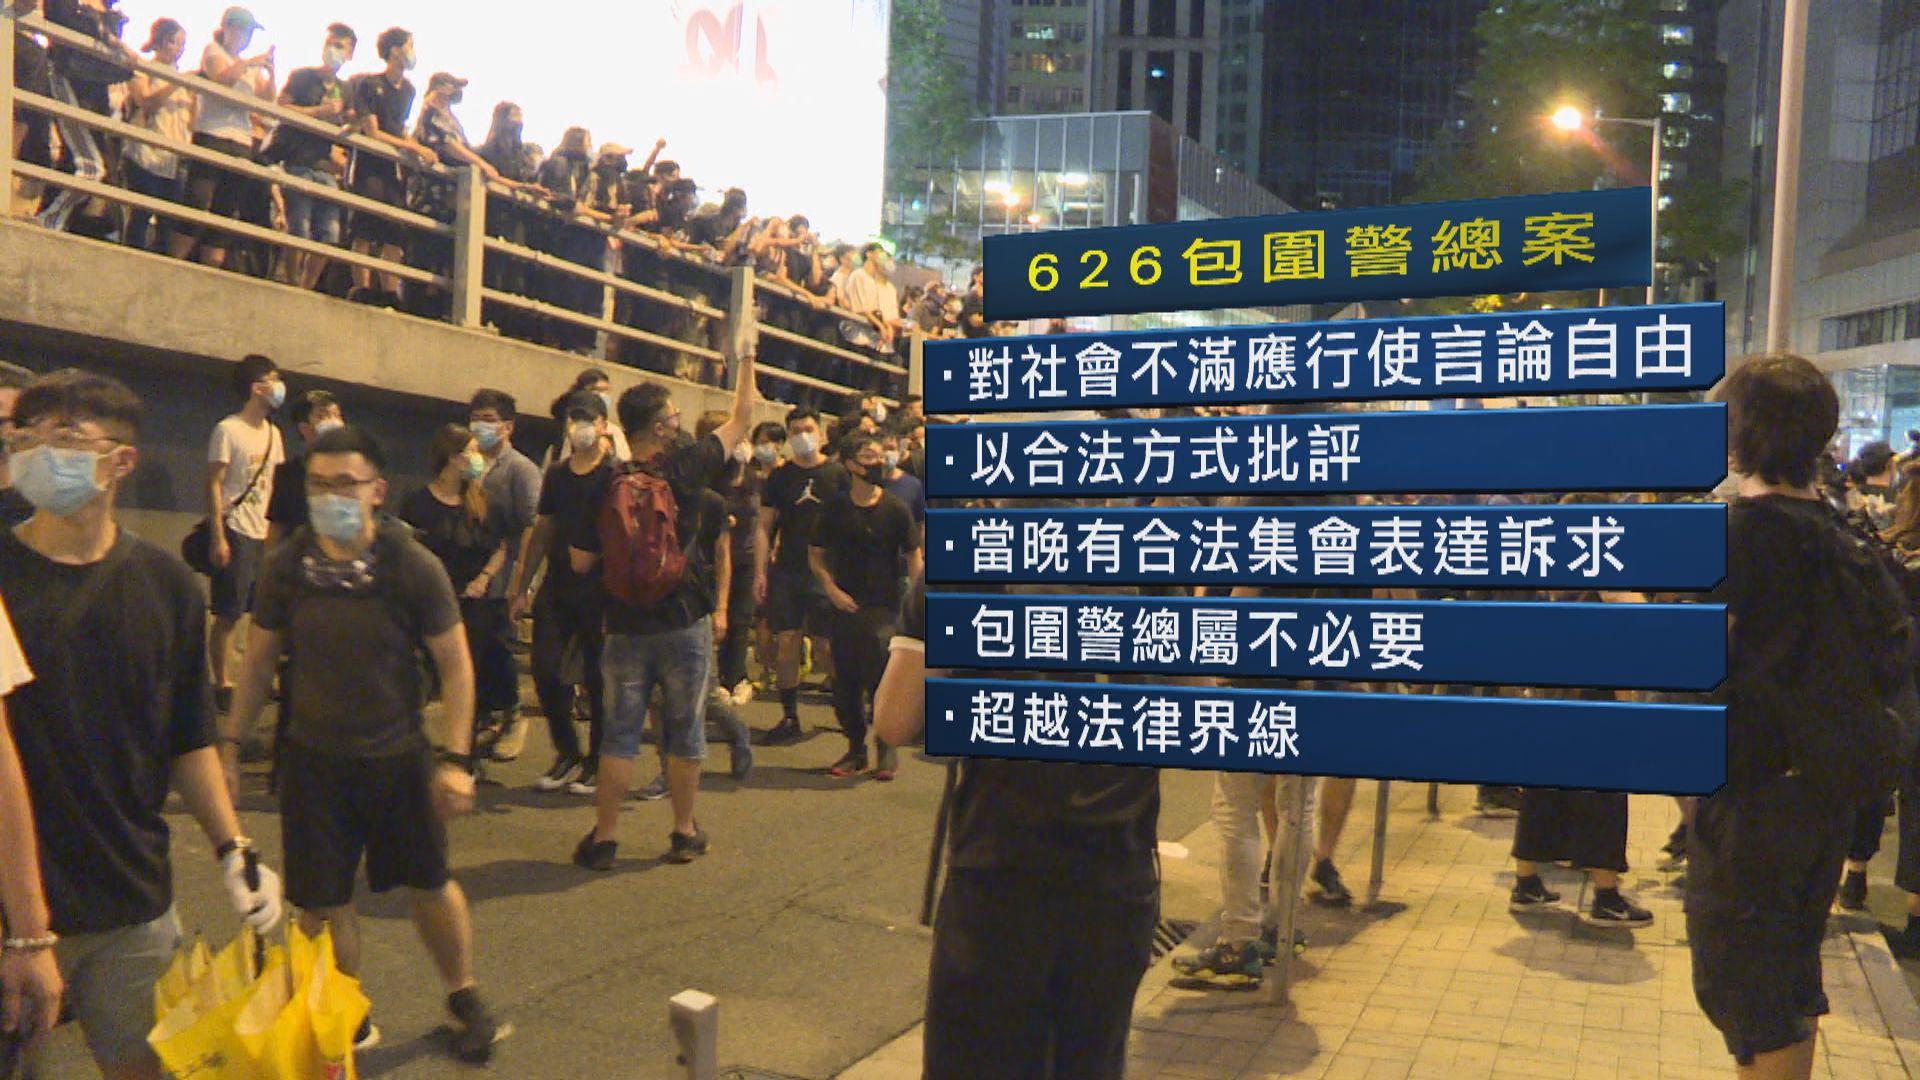 包圍警總地盤工暴動等罪成囚4年 官籲勿暴力抗爭